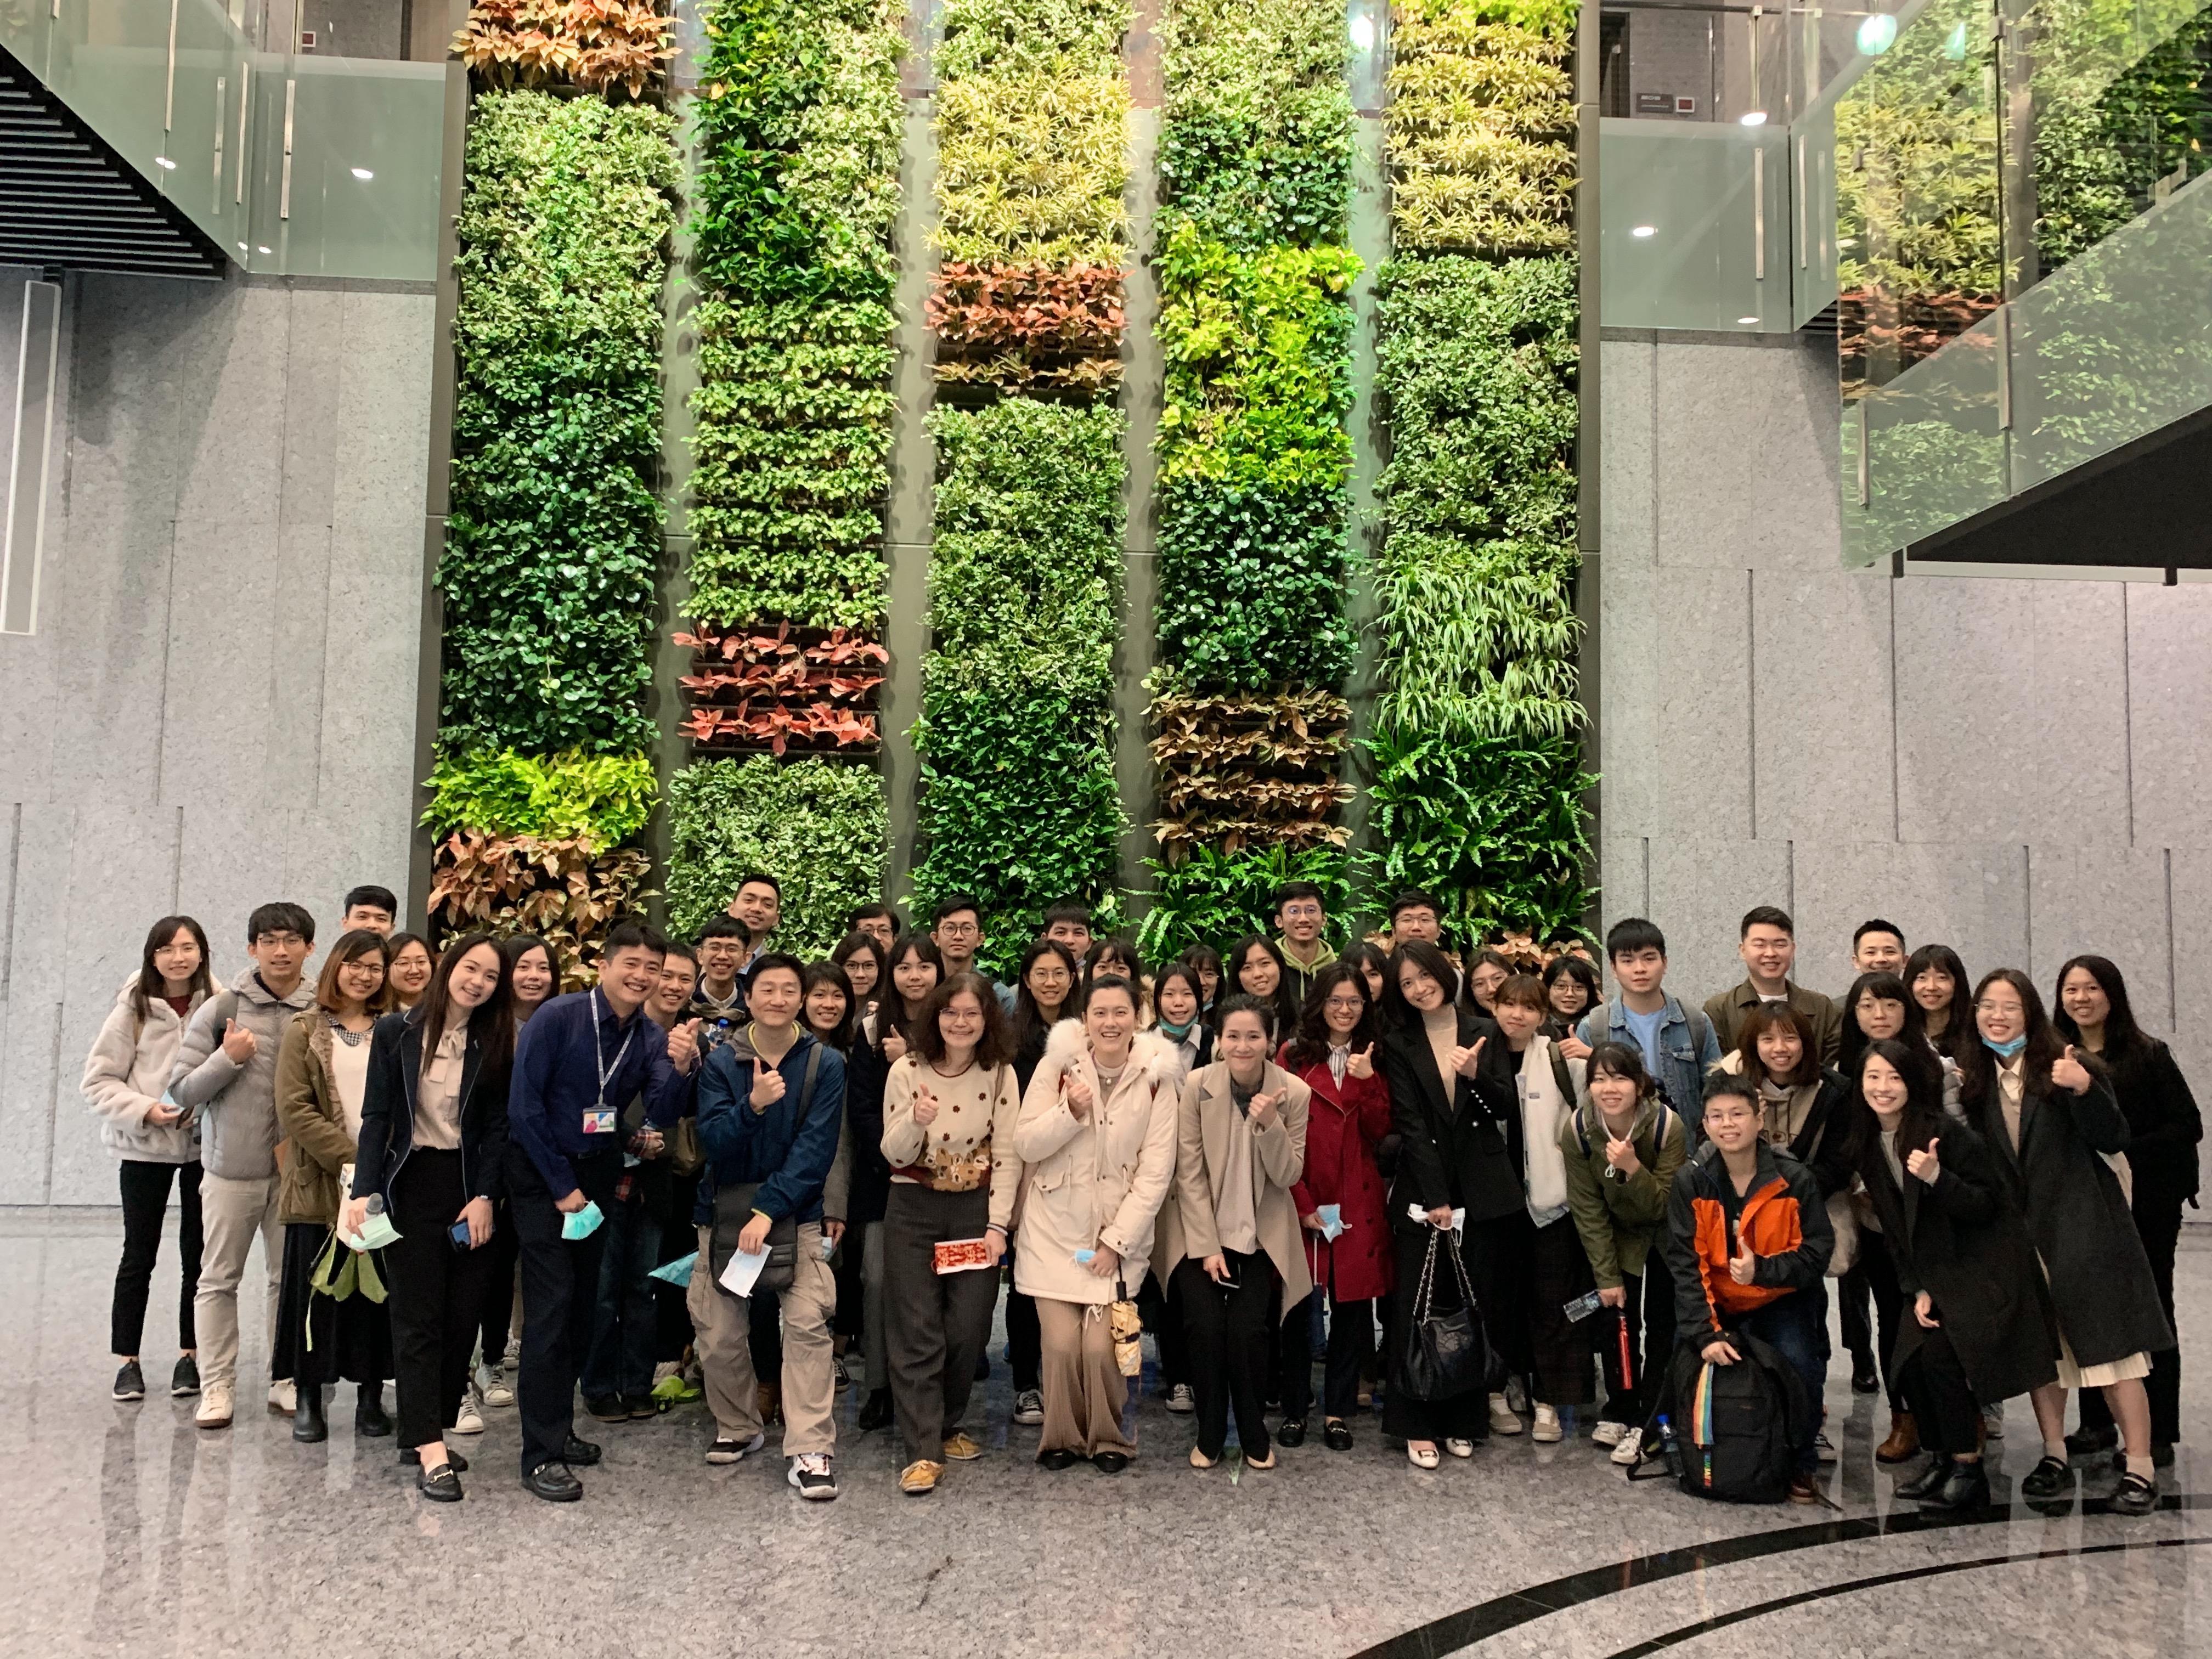 【2021年3月22日】研華物連網智能園區企業參訪照片